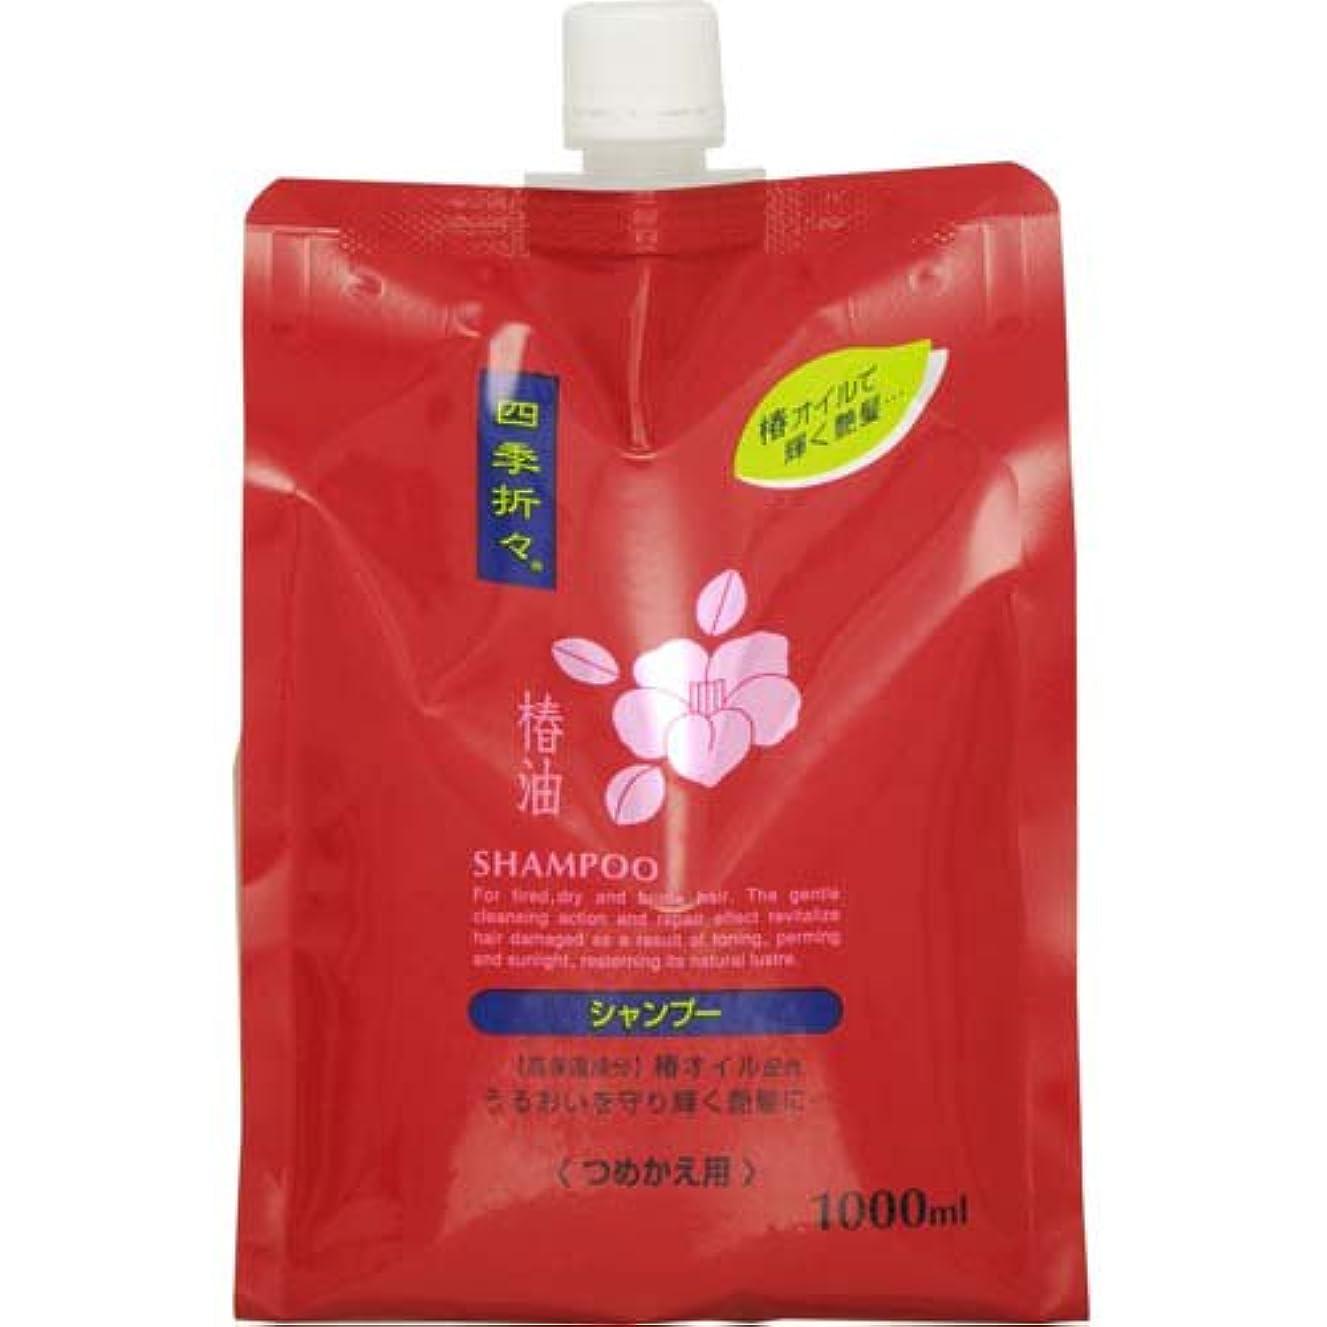 四季折々椿油シャンプースパウト付き詰替1000ml